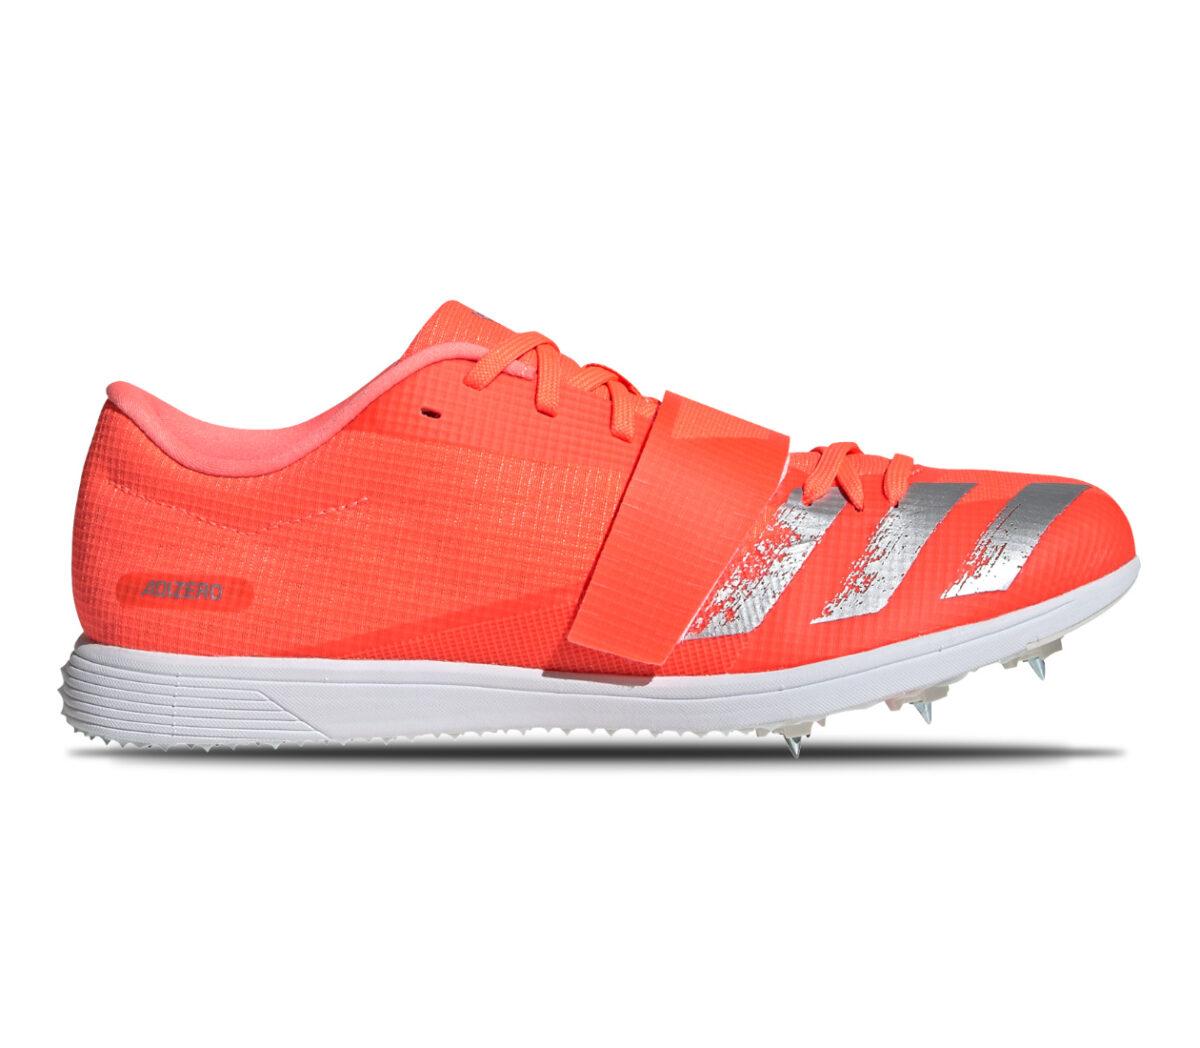 scarpa da pista per salto triplo adizero tj pv rossa